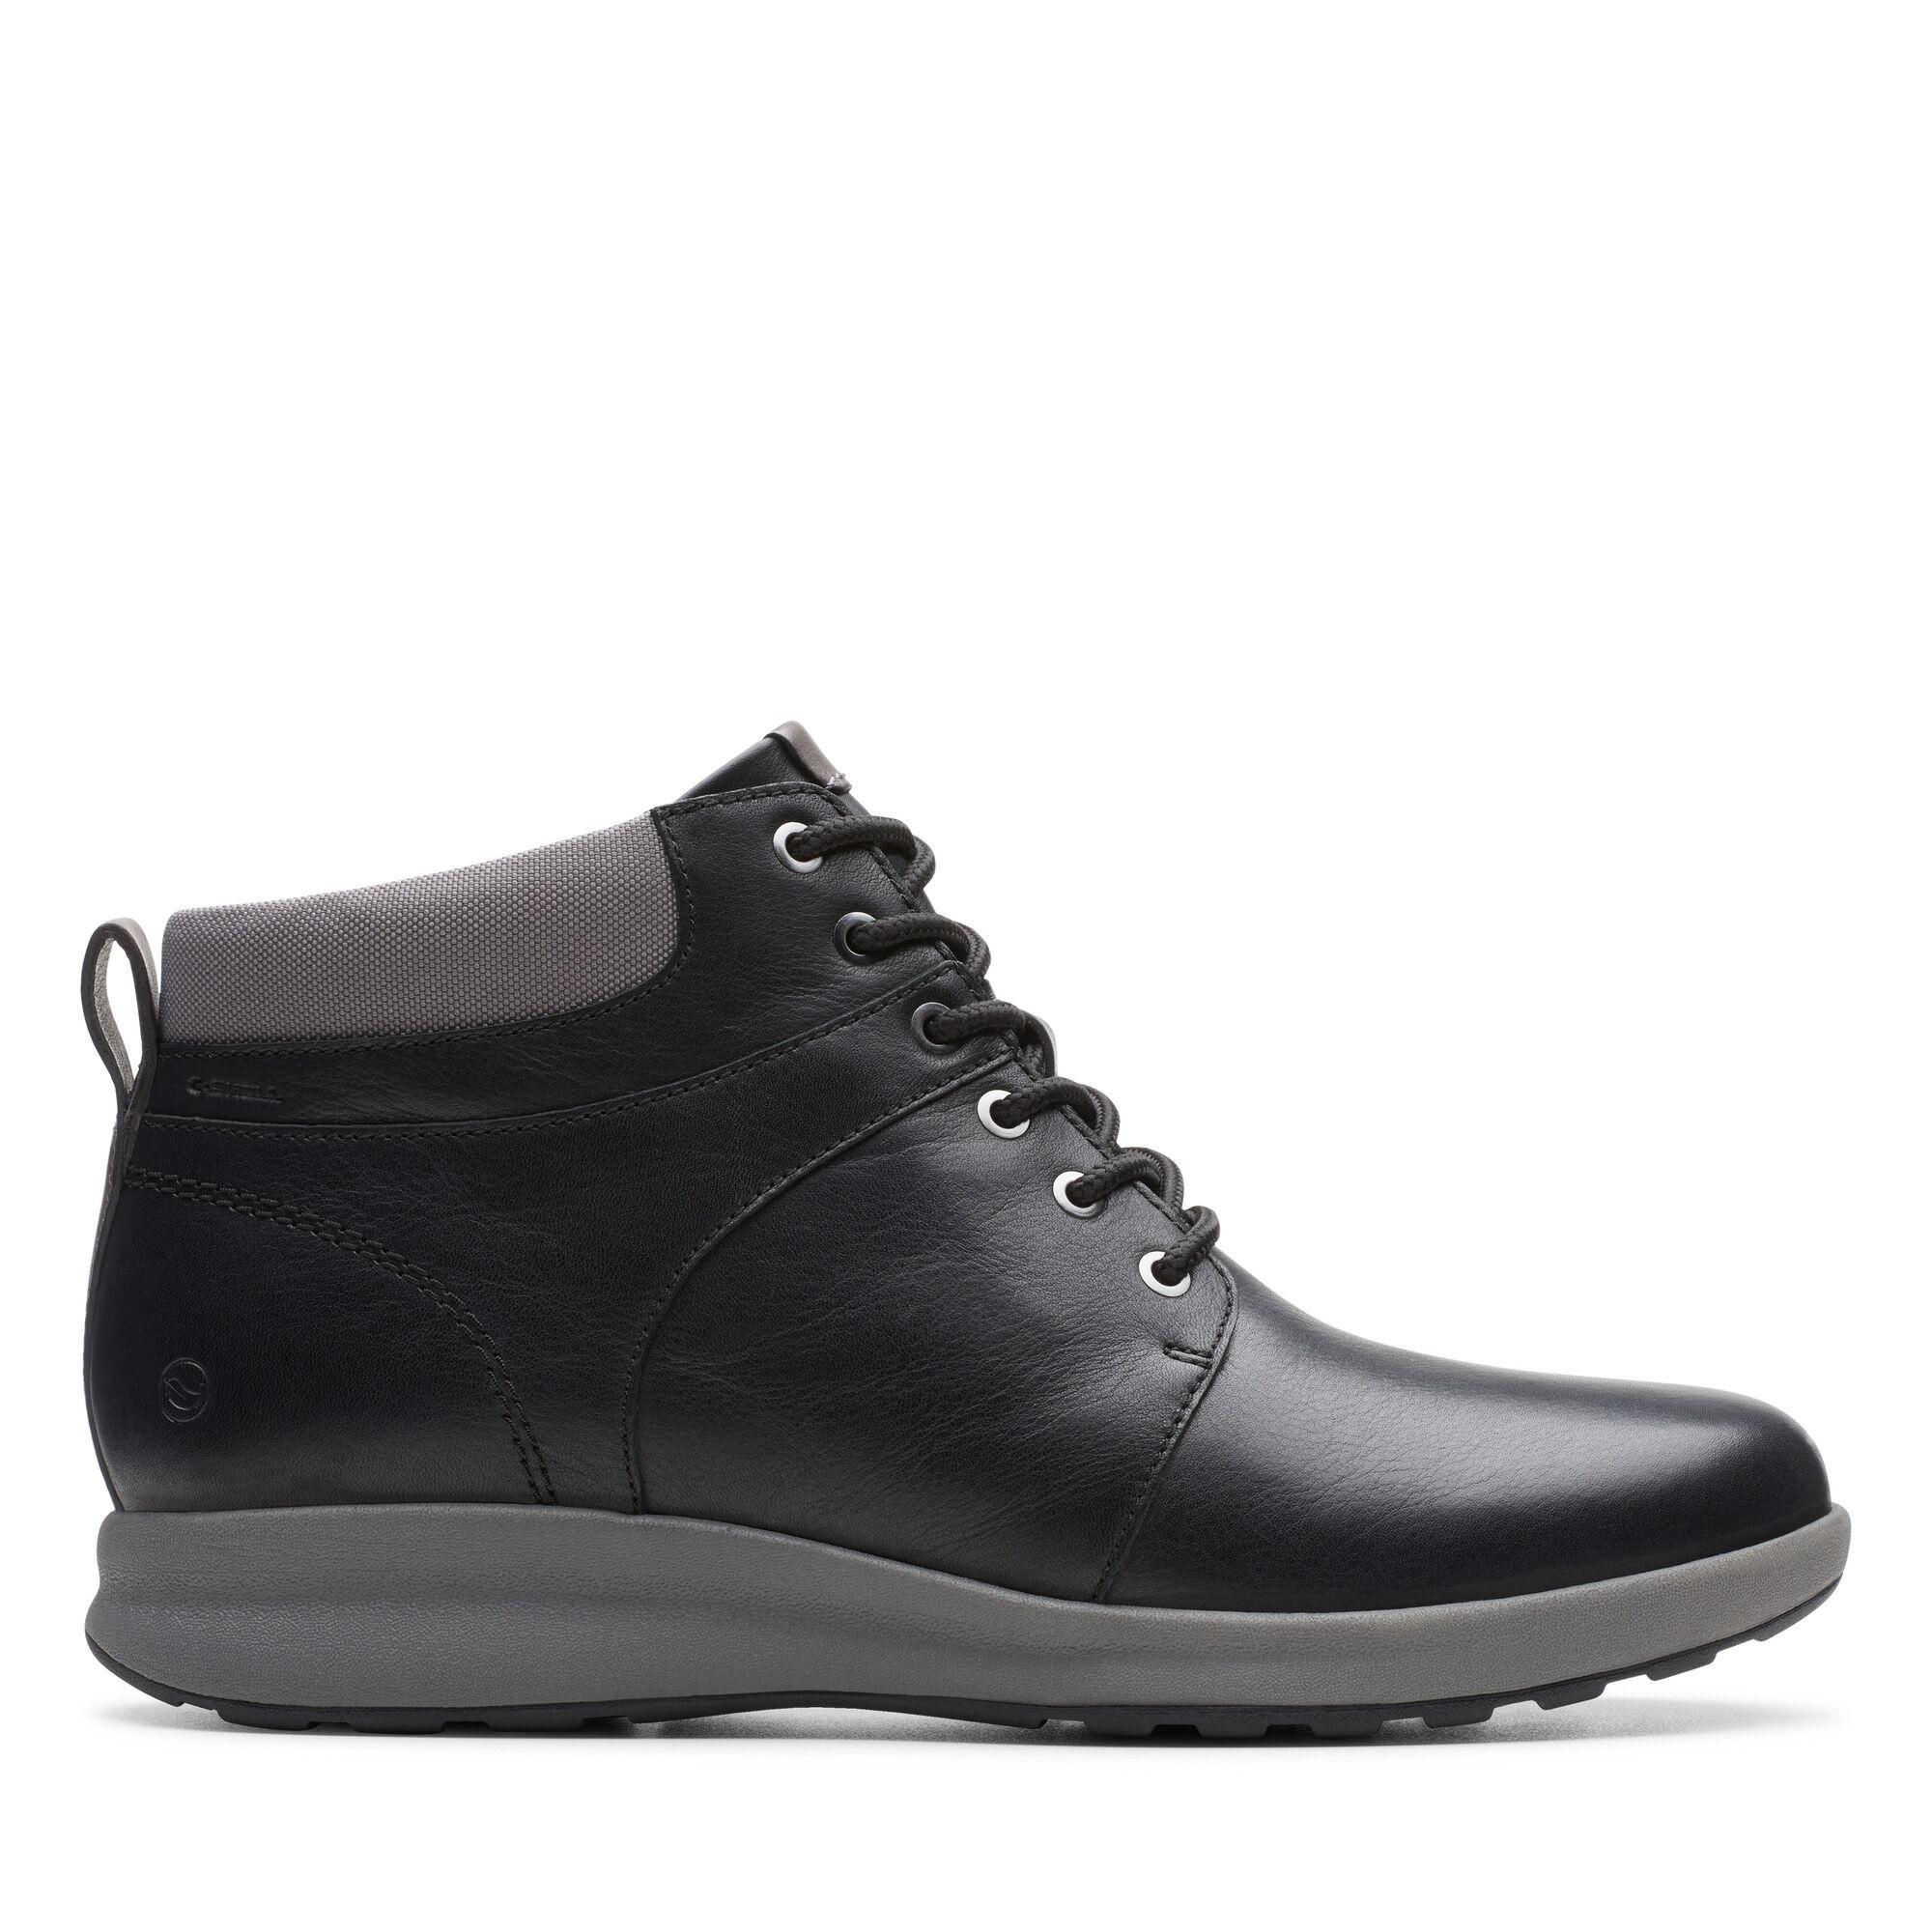 Women's Walking Boots | Clarks